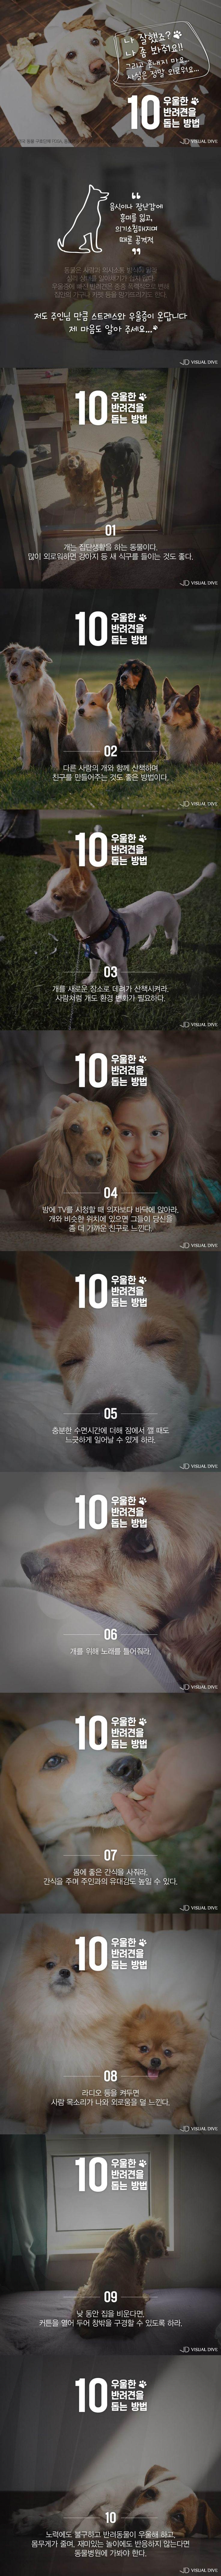 '멍무룩' 반려견, 우울증을 해소하는 방법은? [카드뉴스] #dog / #cardnews ⓒ 비주얼다이브 무단 복사·전재·재배포 금지